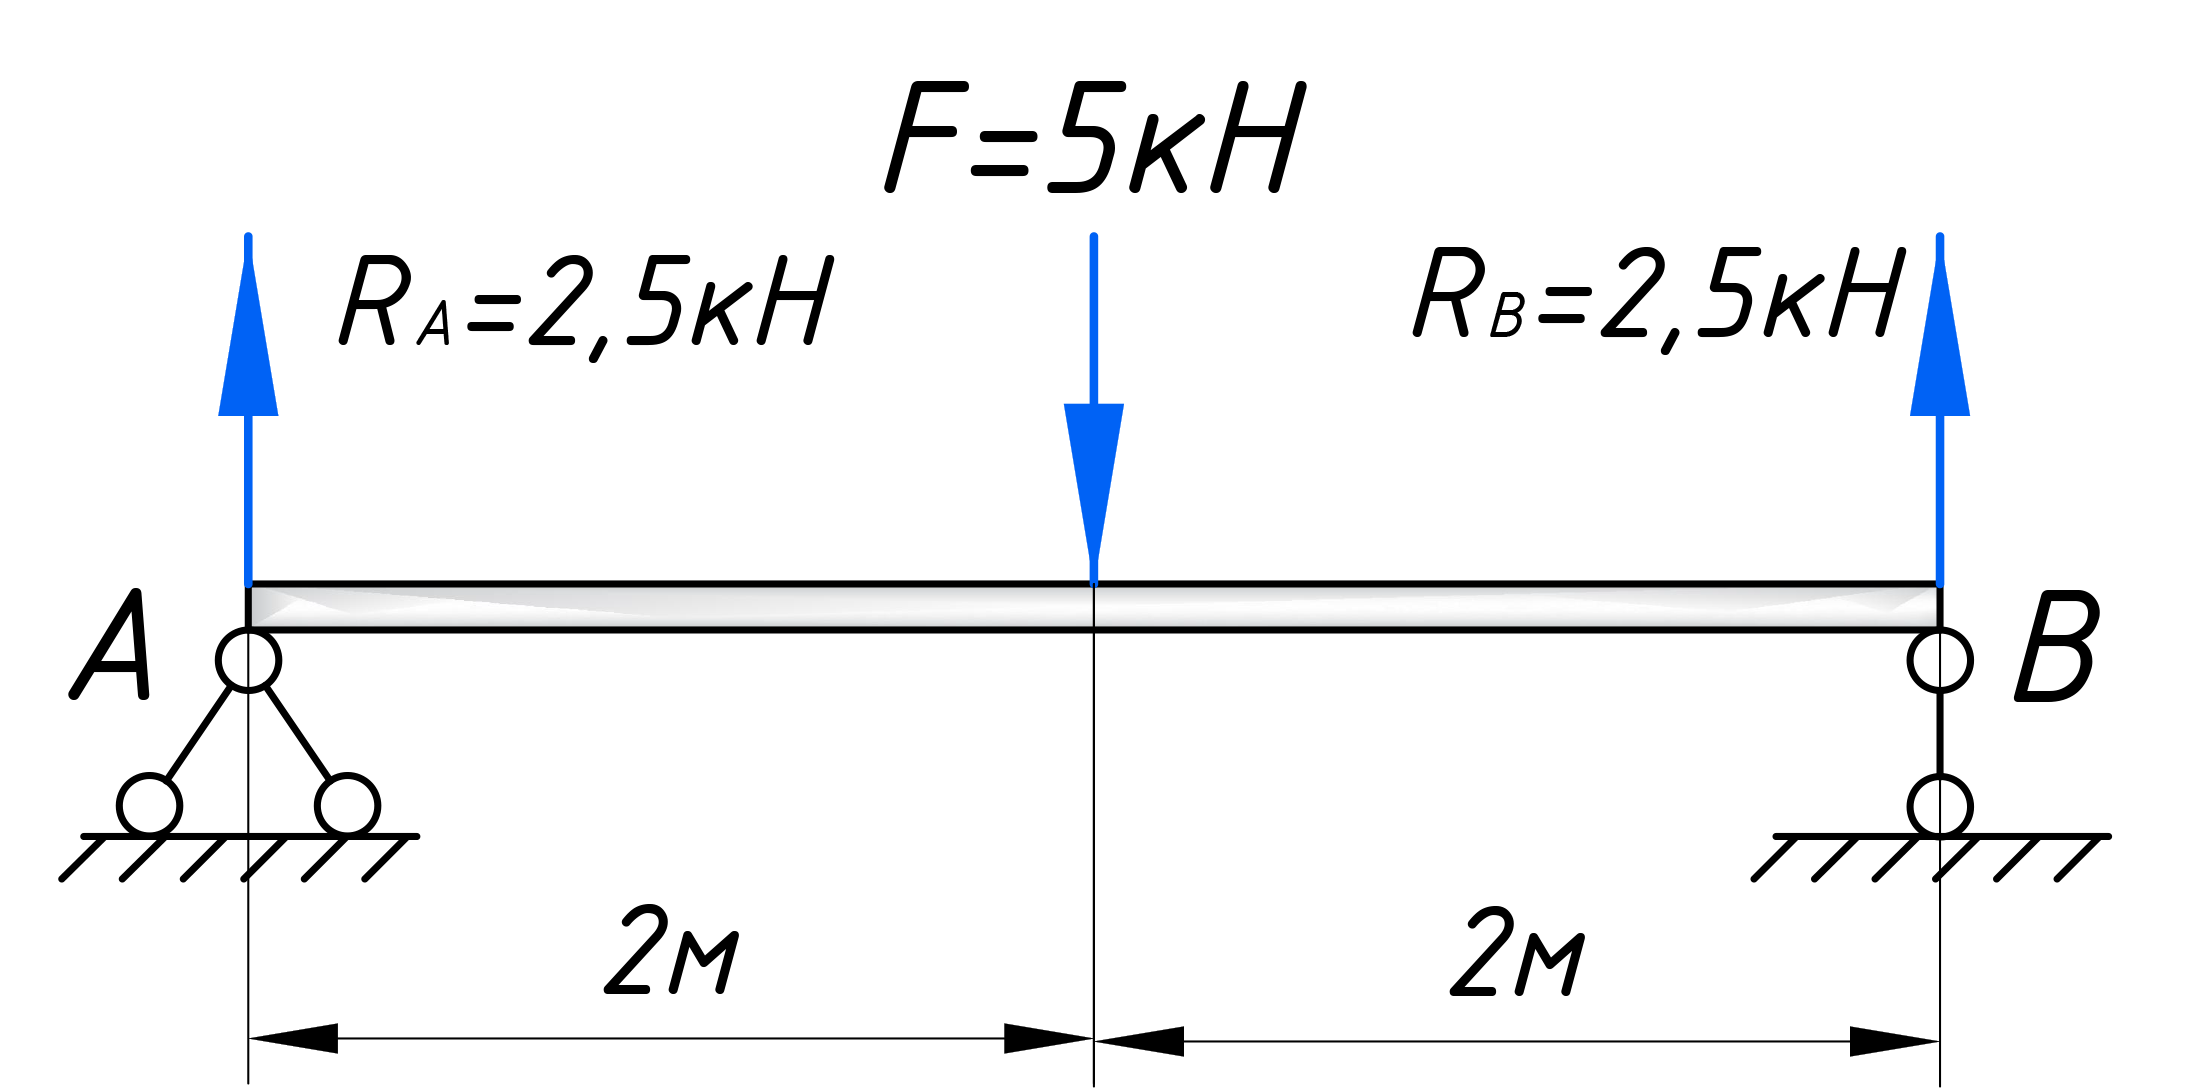 Показан результат вычисления реакций опор